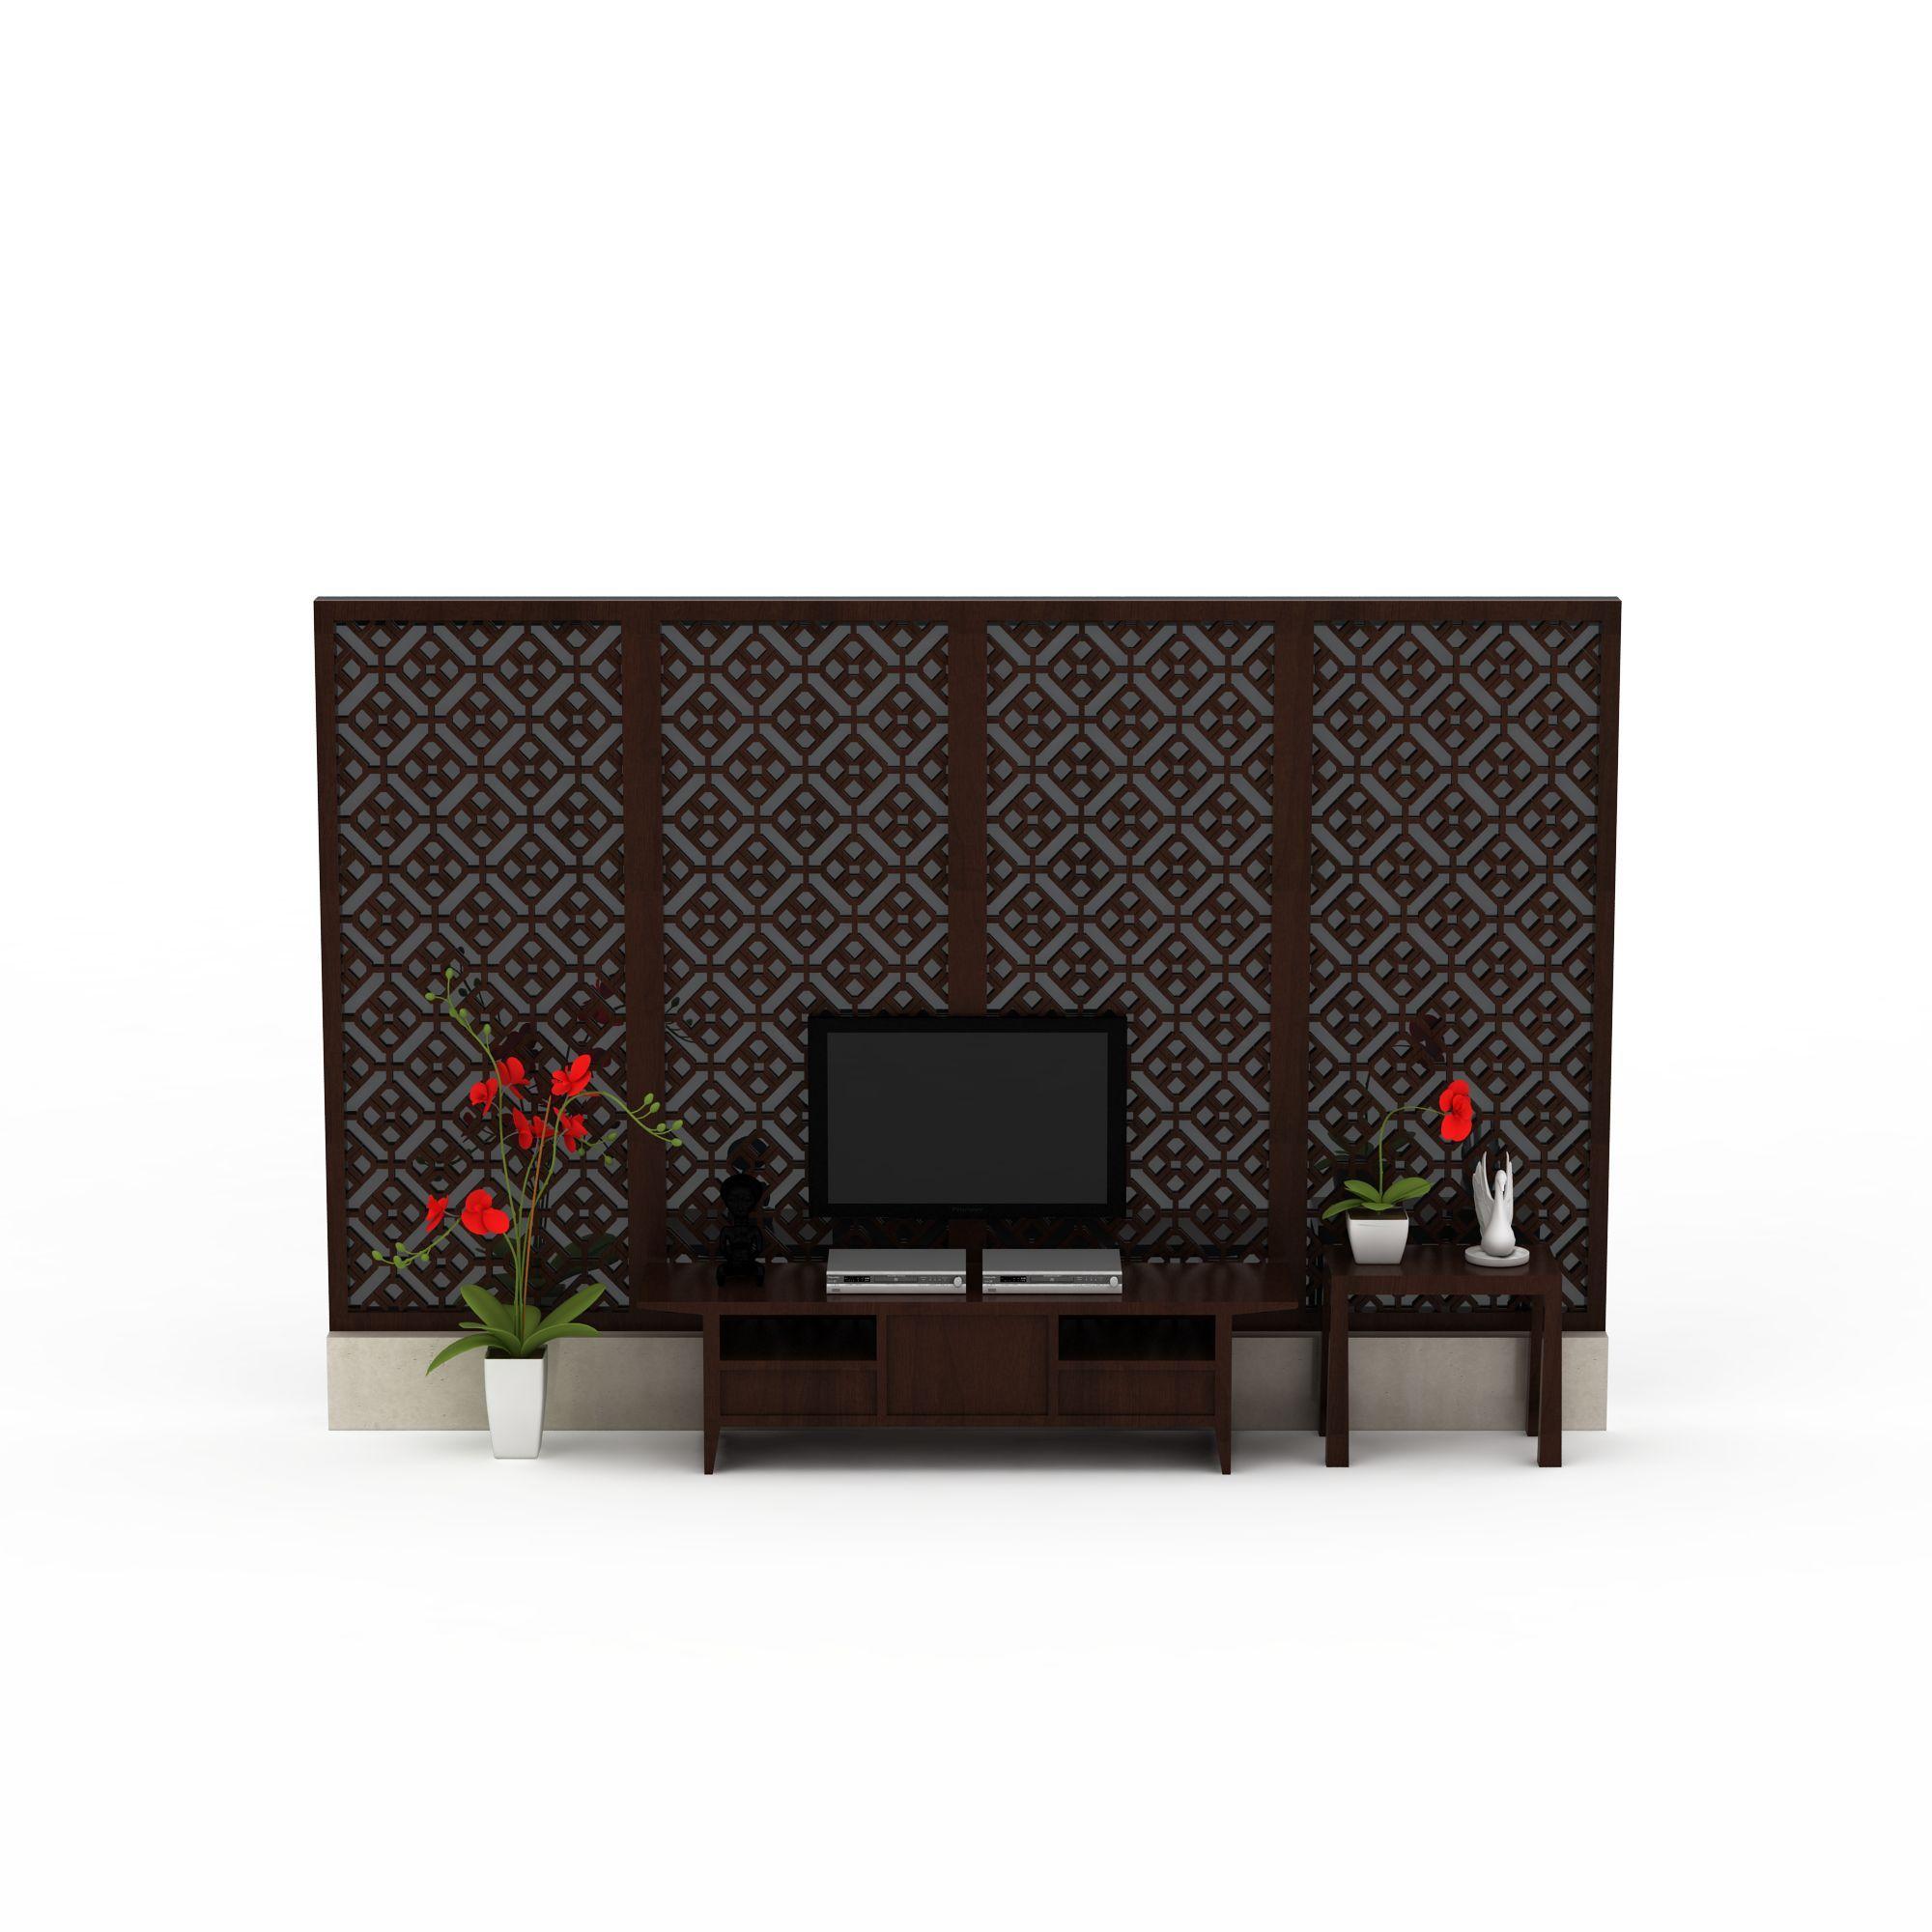 中式电视墙图片_中式电视墙png图片素材